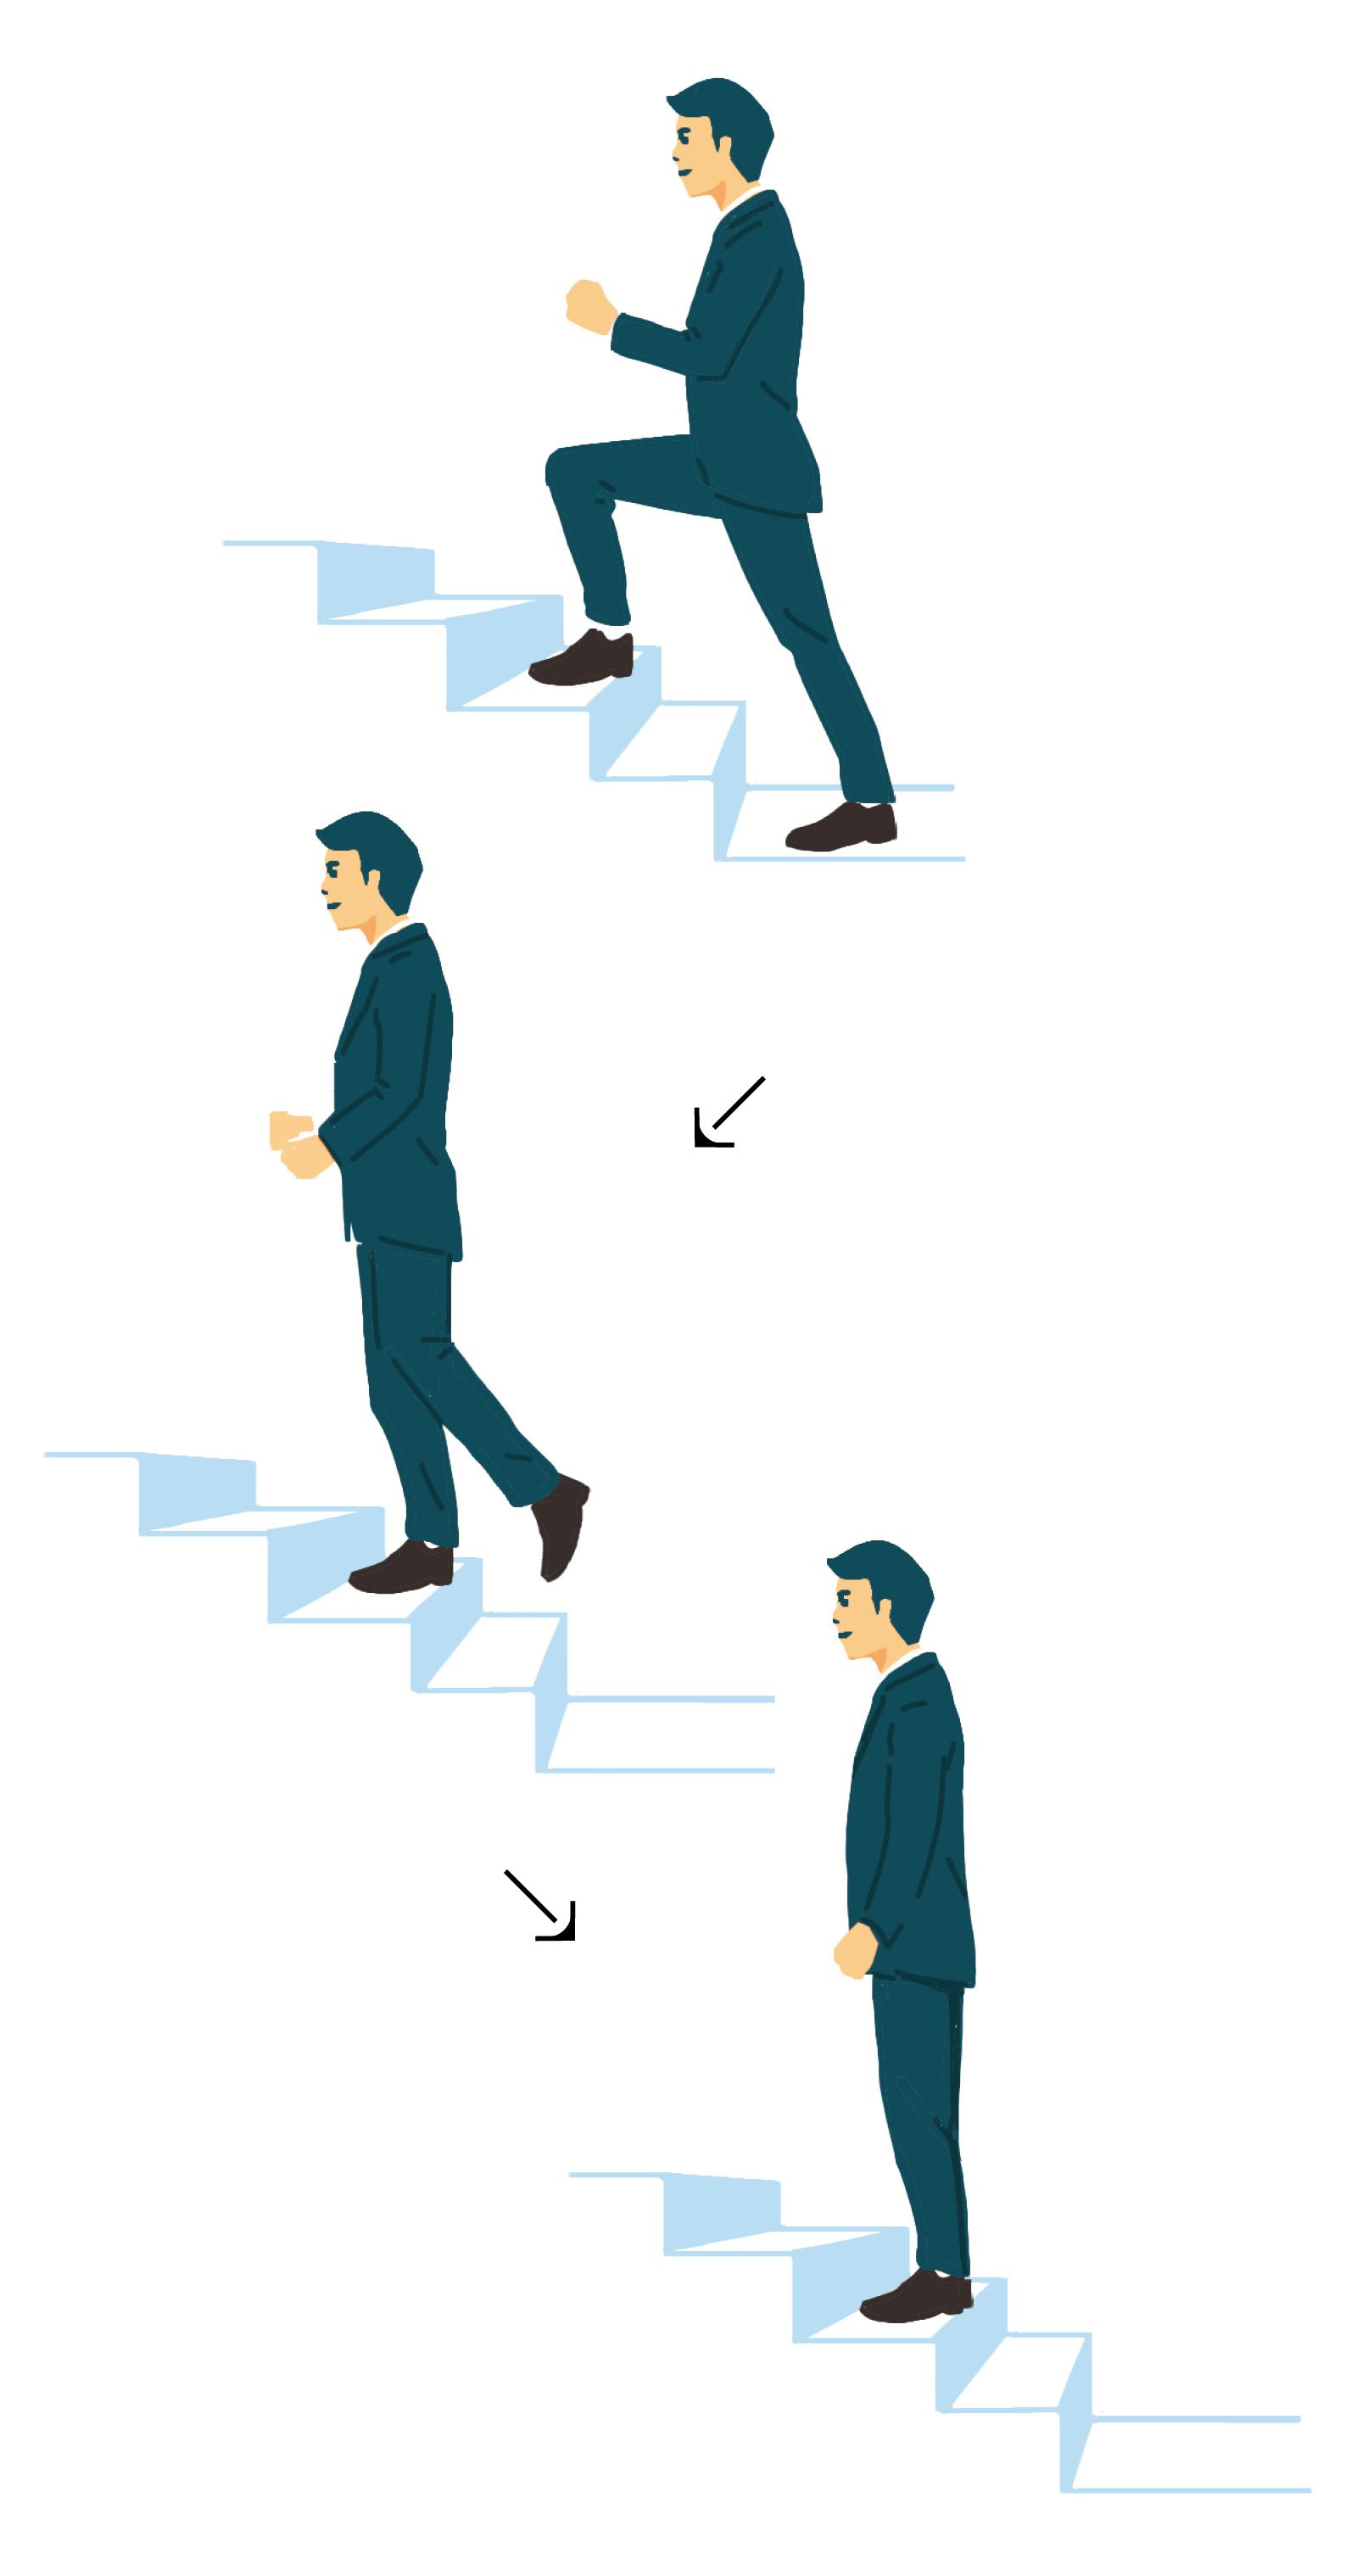 階段を上りながらトレ